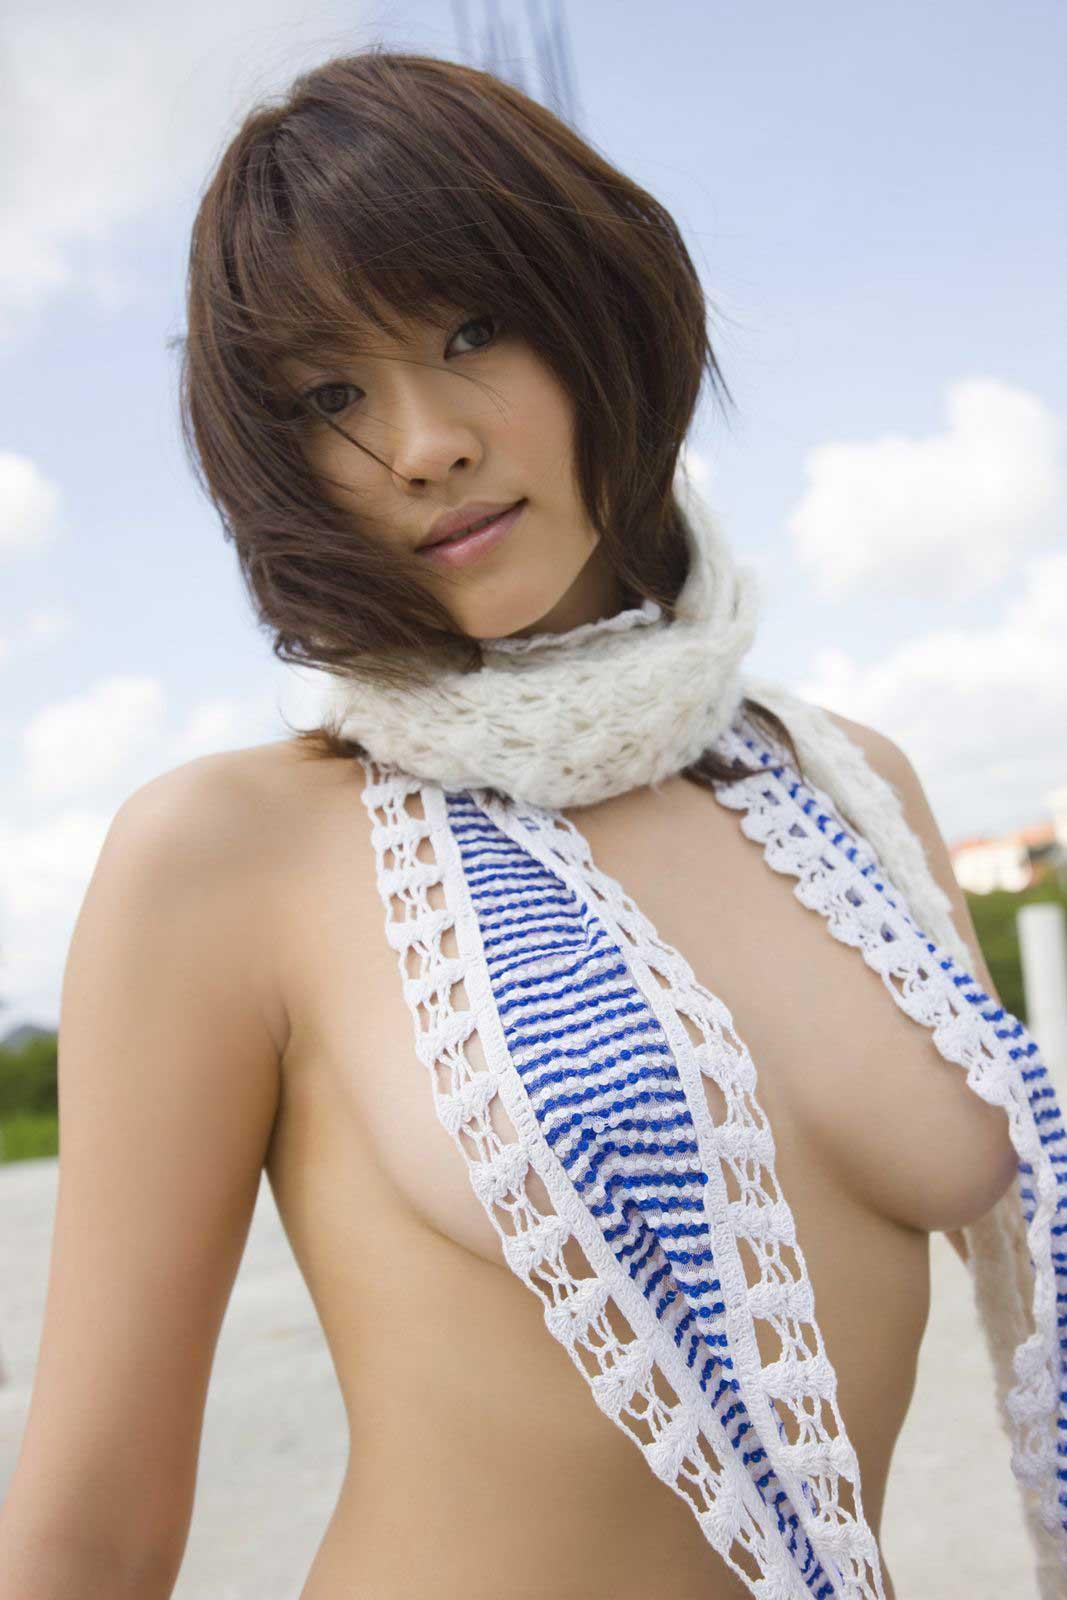 ハミ乳衣装着た女の子 11